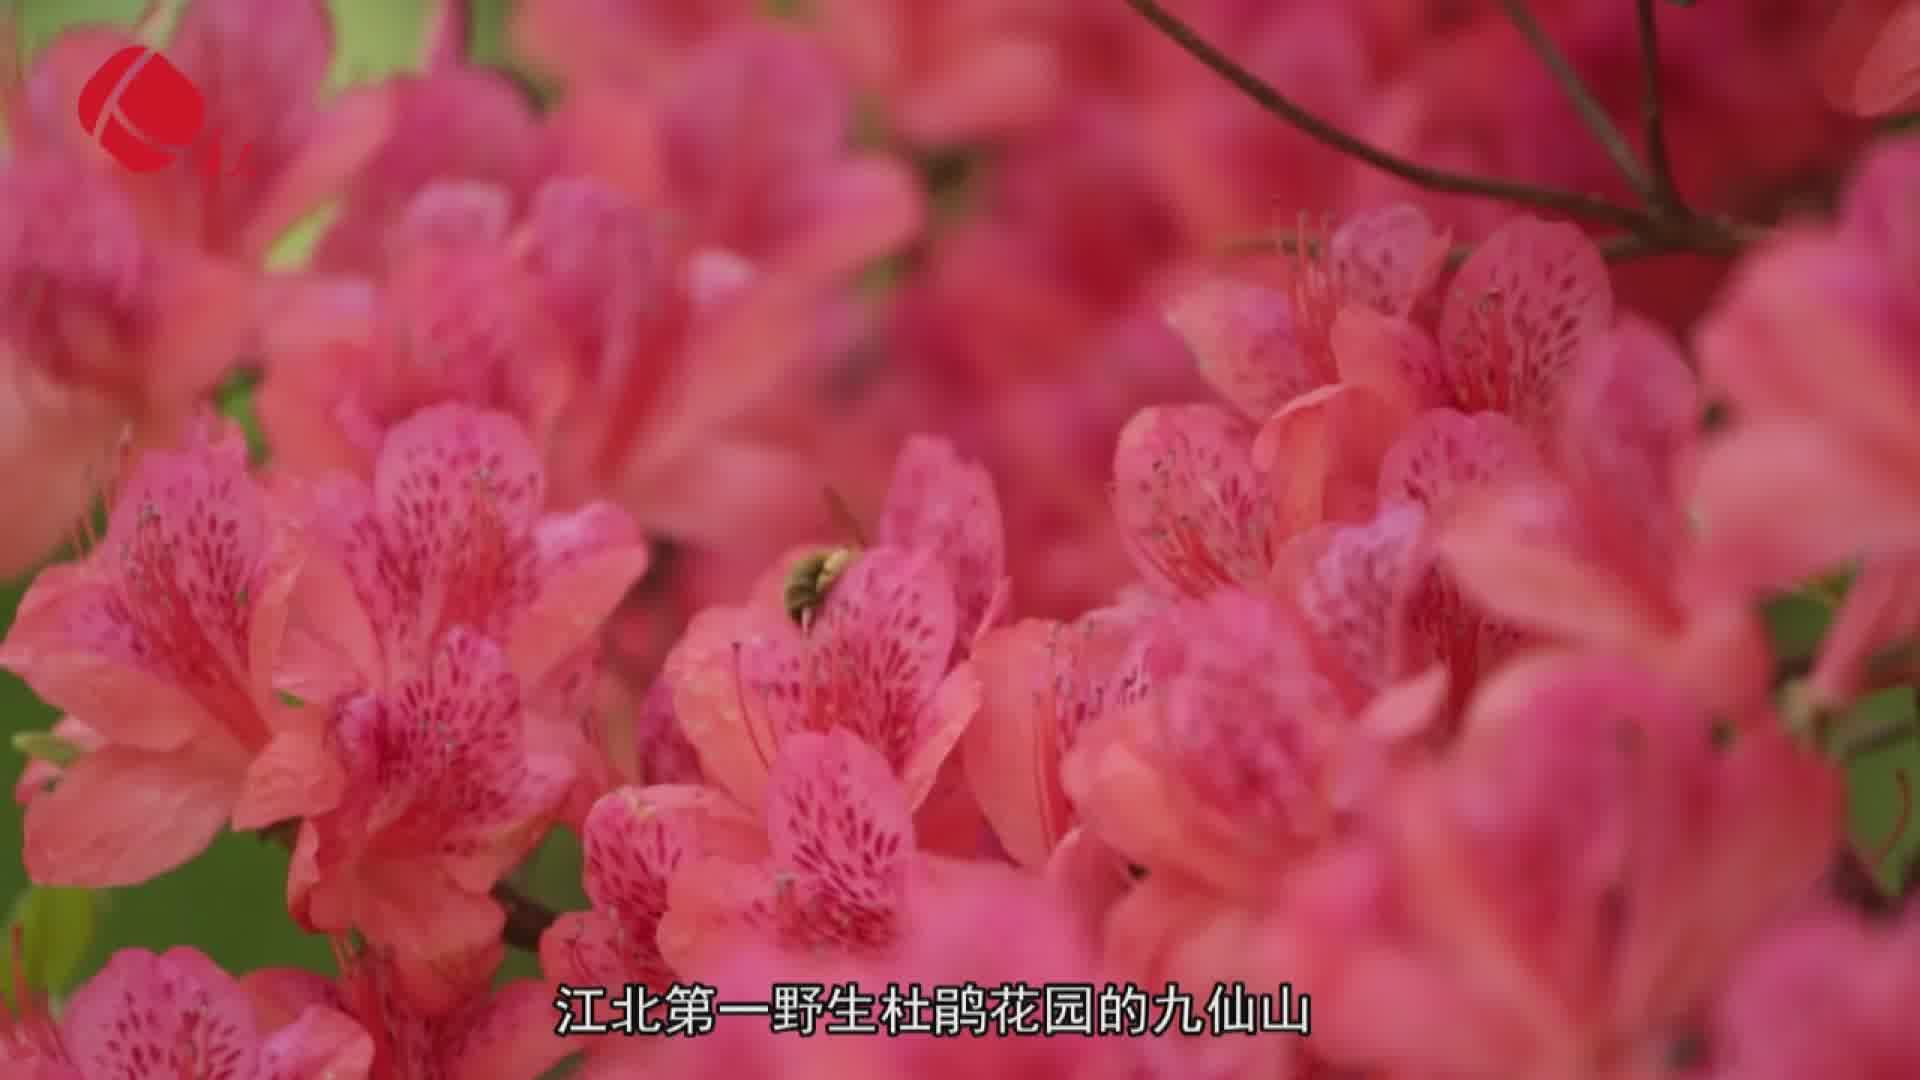 《为家乡推介》日照市委宣传部副部长吴继安